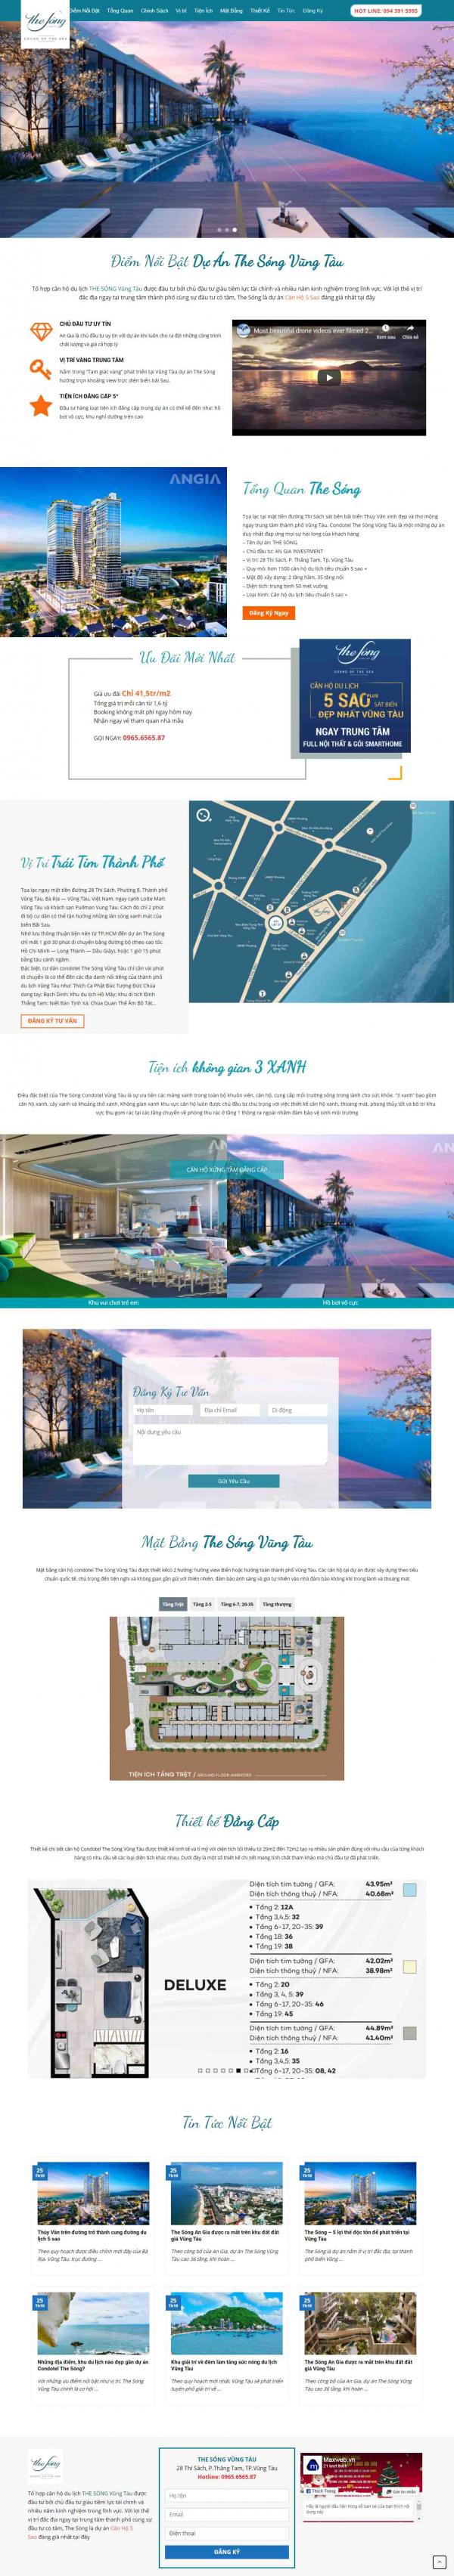 Mẫu giao diện thiết kế web nhà đất giá rẻ